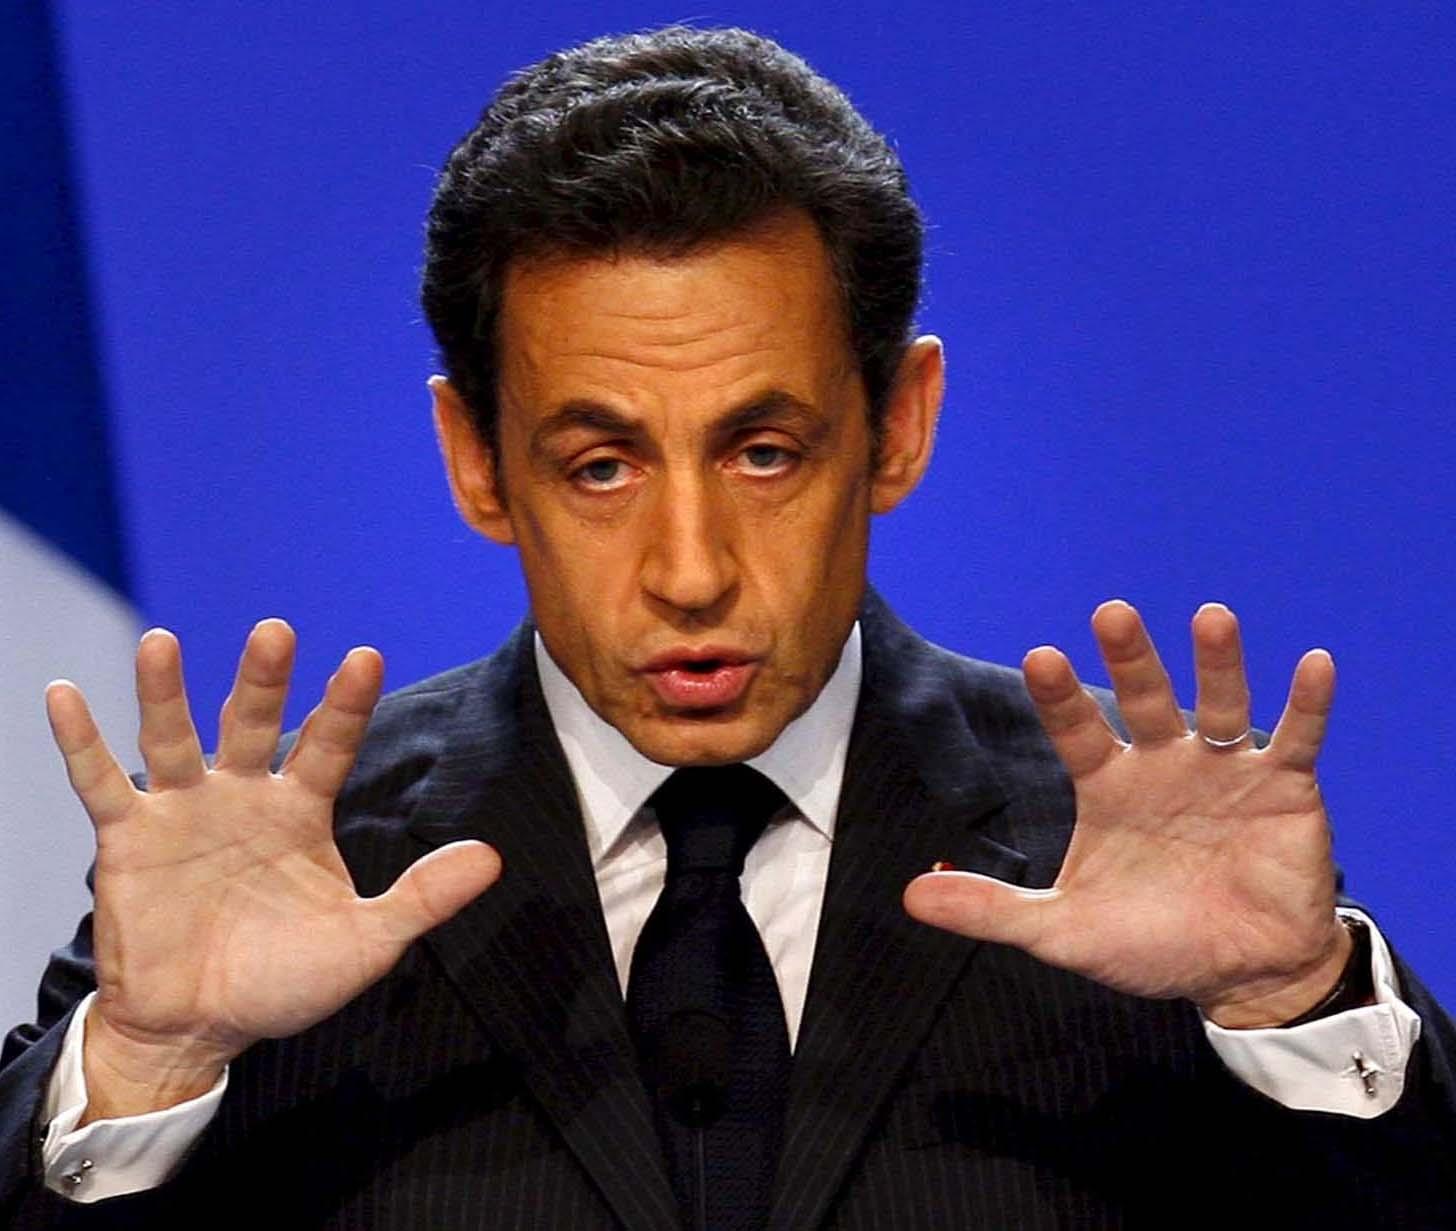 NICOLAS SARKOZY - French president Nicola11